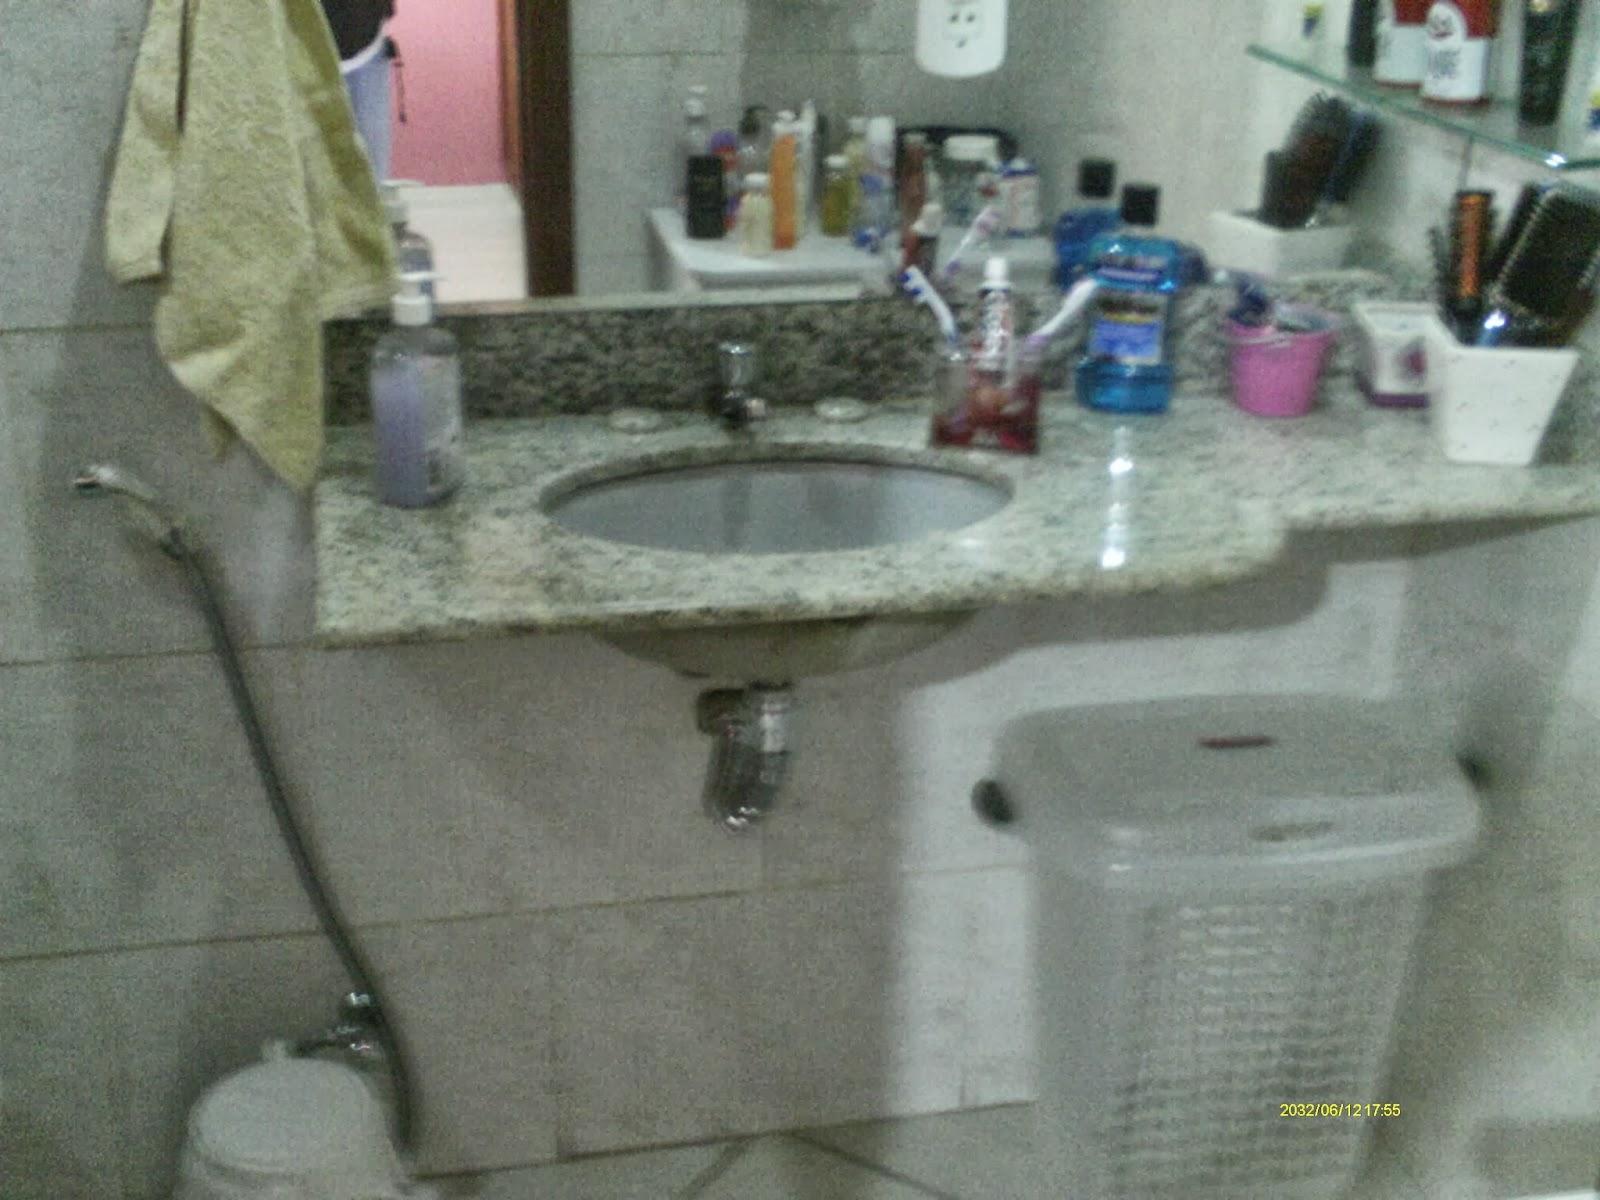 Imagens de #334A63 Casa Cocotá Ilha do Governador Avelino Freire Imóveis 1600x1200 px 2886 Box Banheiro Ilha Do Governador